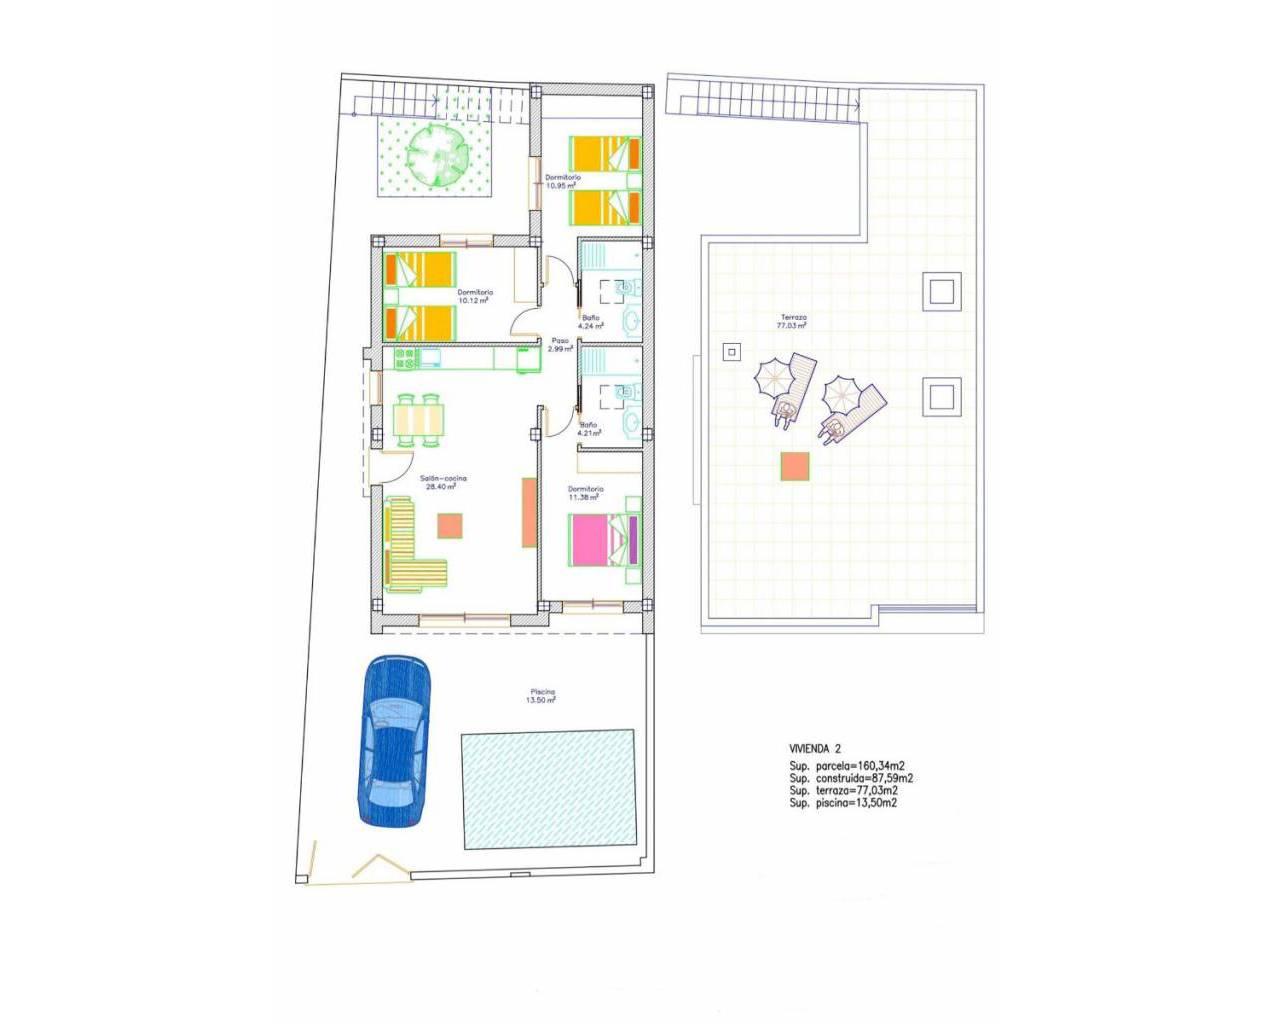 nieuwbouw-vrijstaande-villa-avileses-dorps-centrum_5517_xl